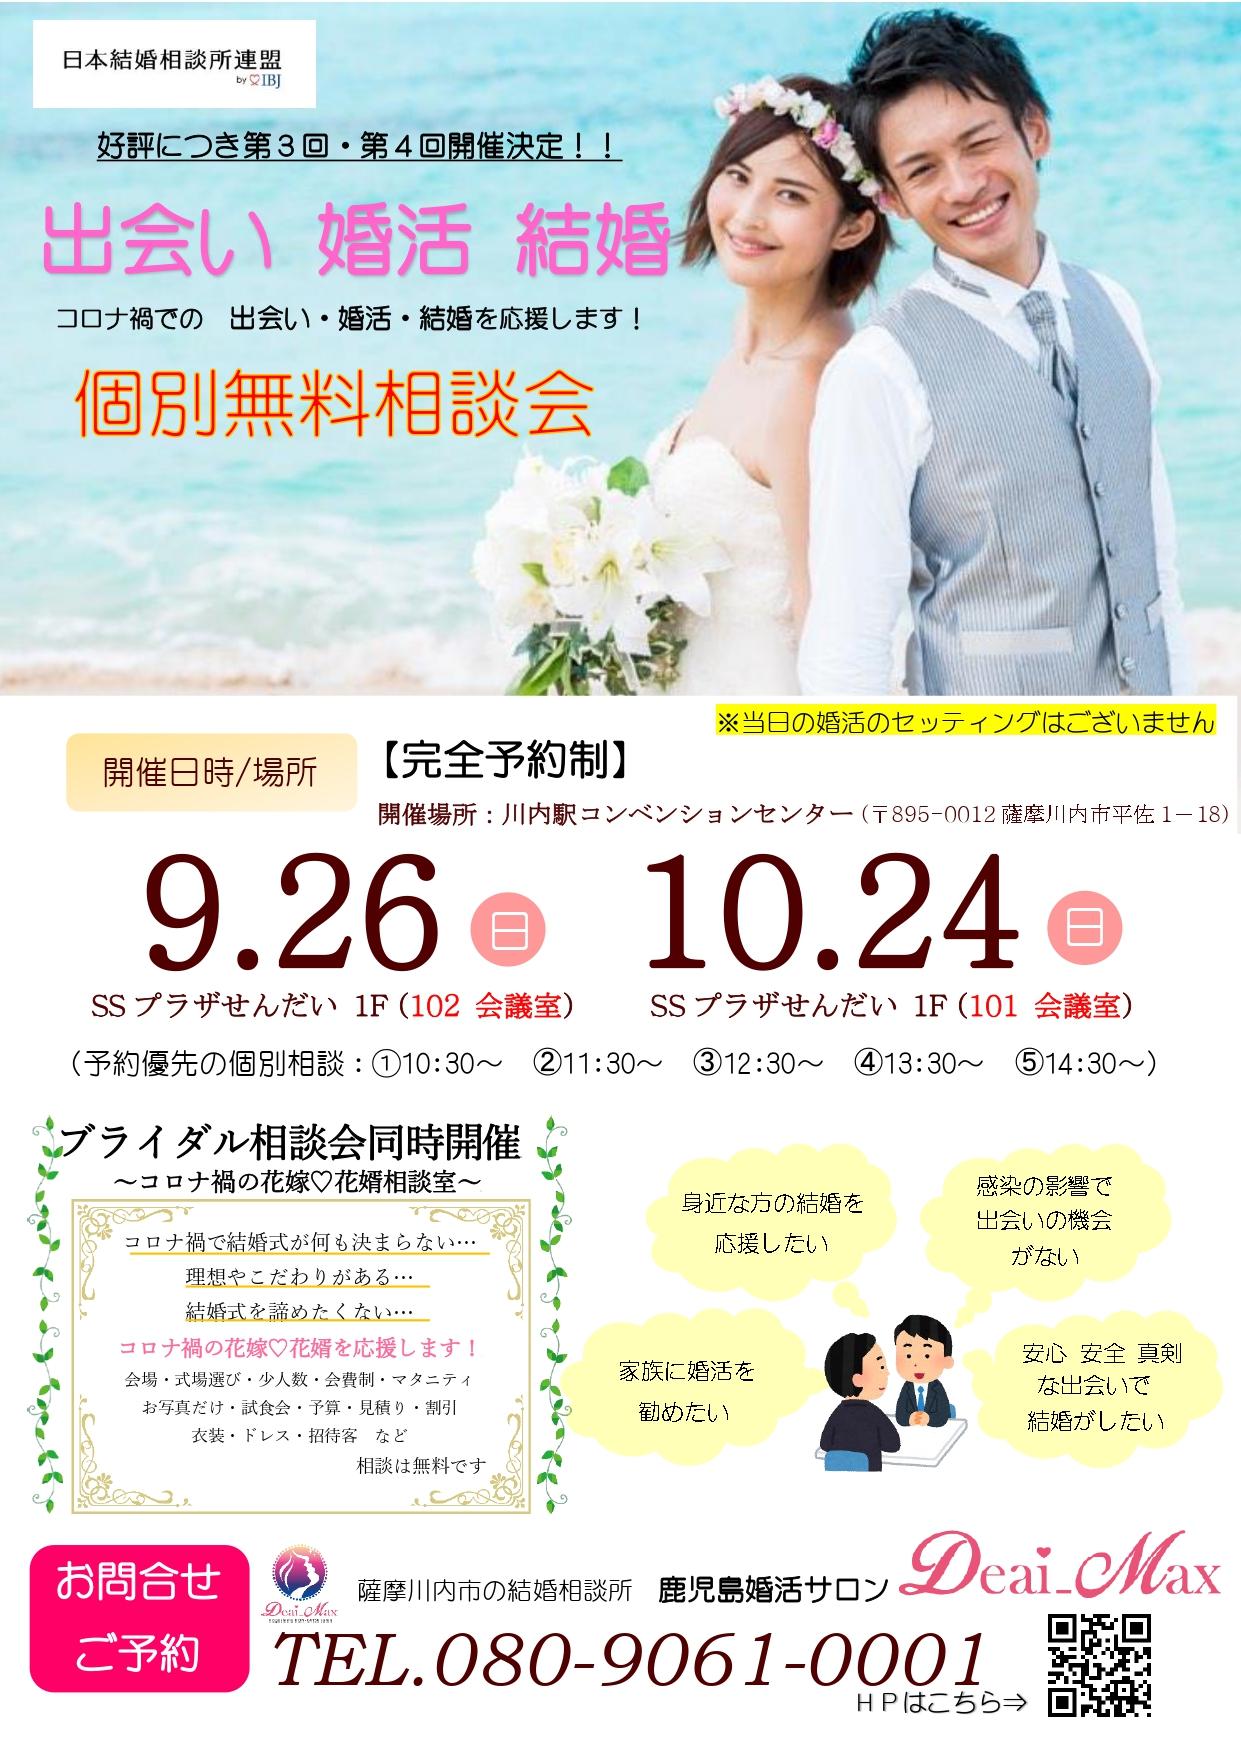 【コロナ禍での出会い・婚活・結婚を応援します!】個別無料相談会